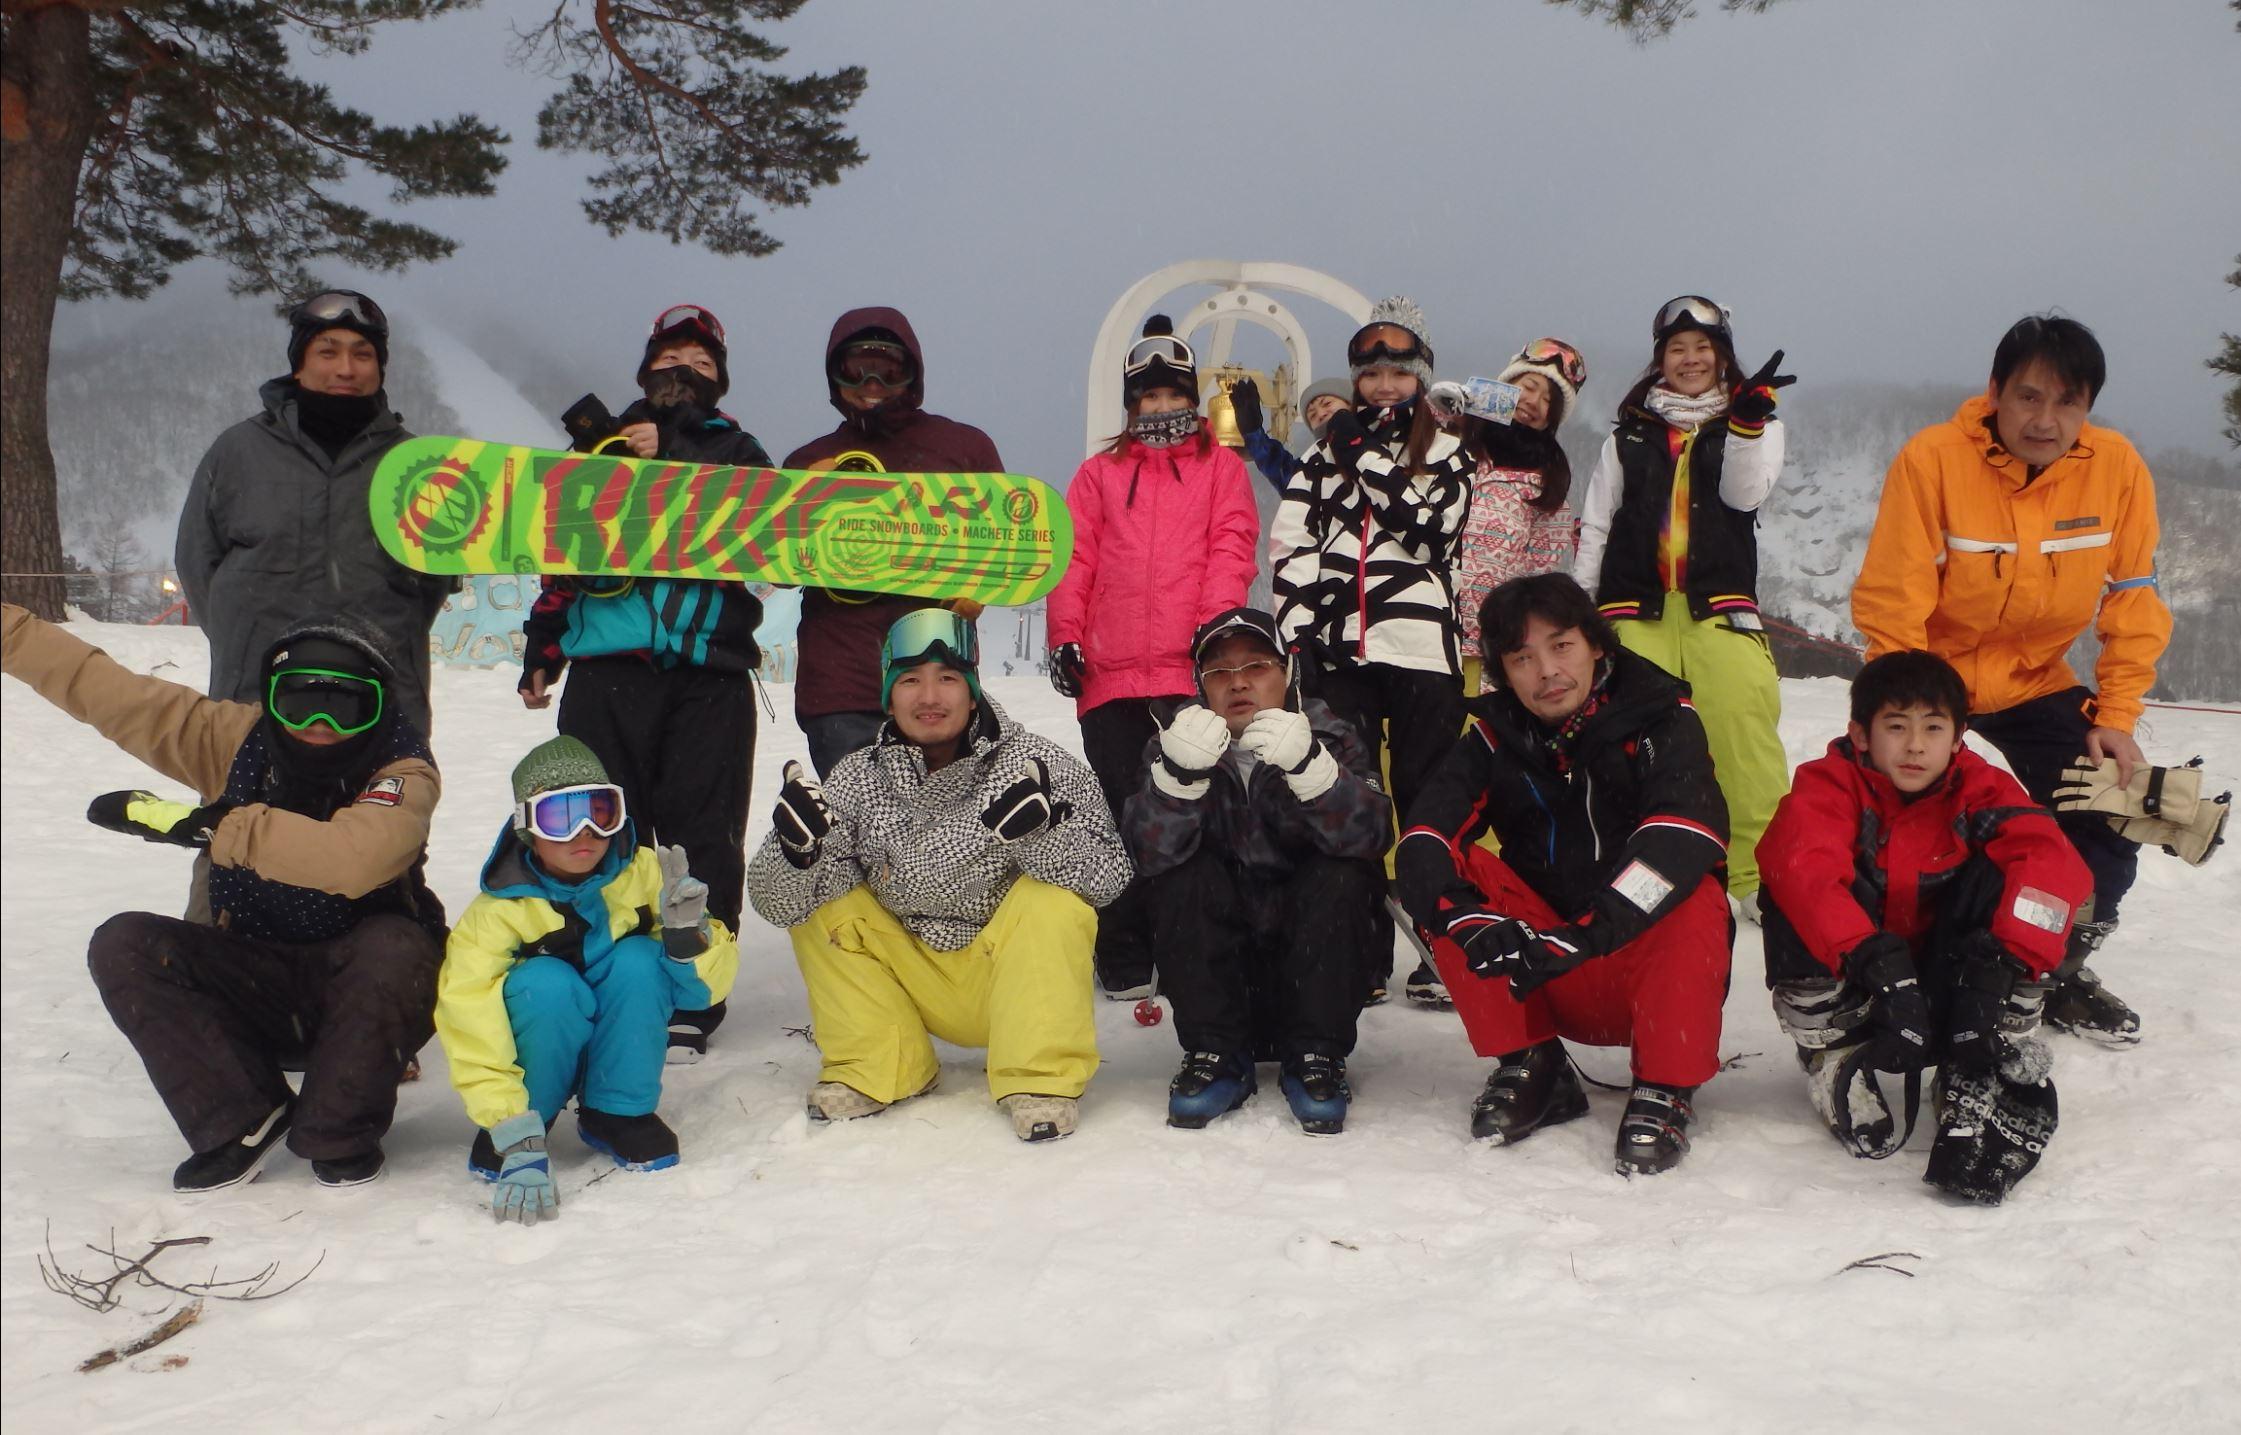 君津スキー